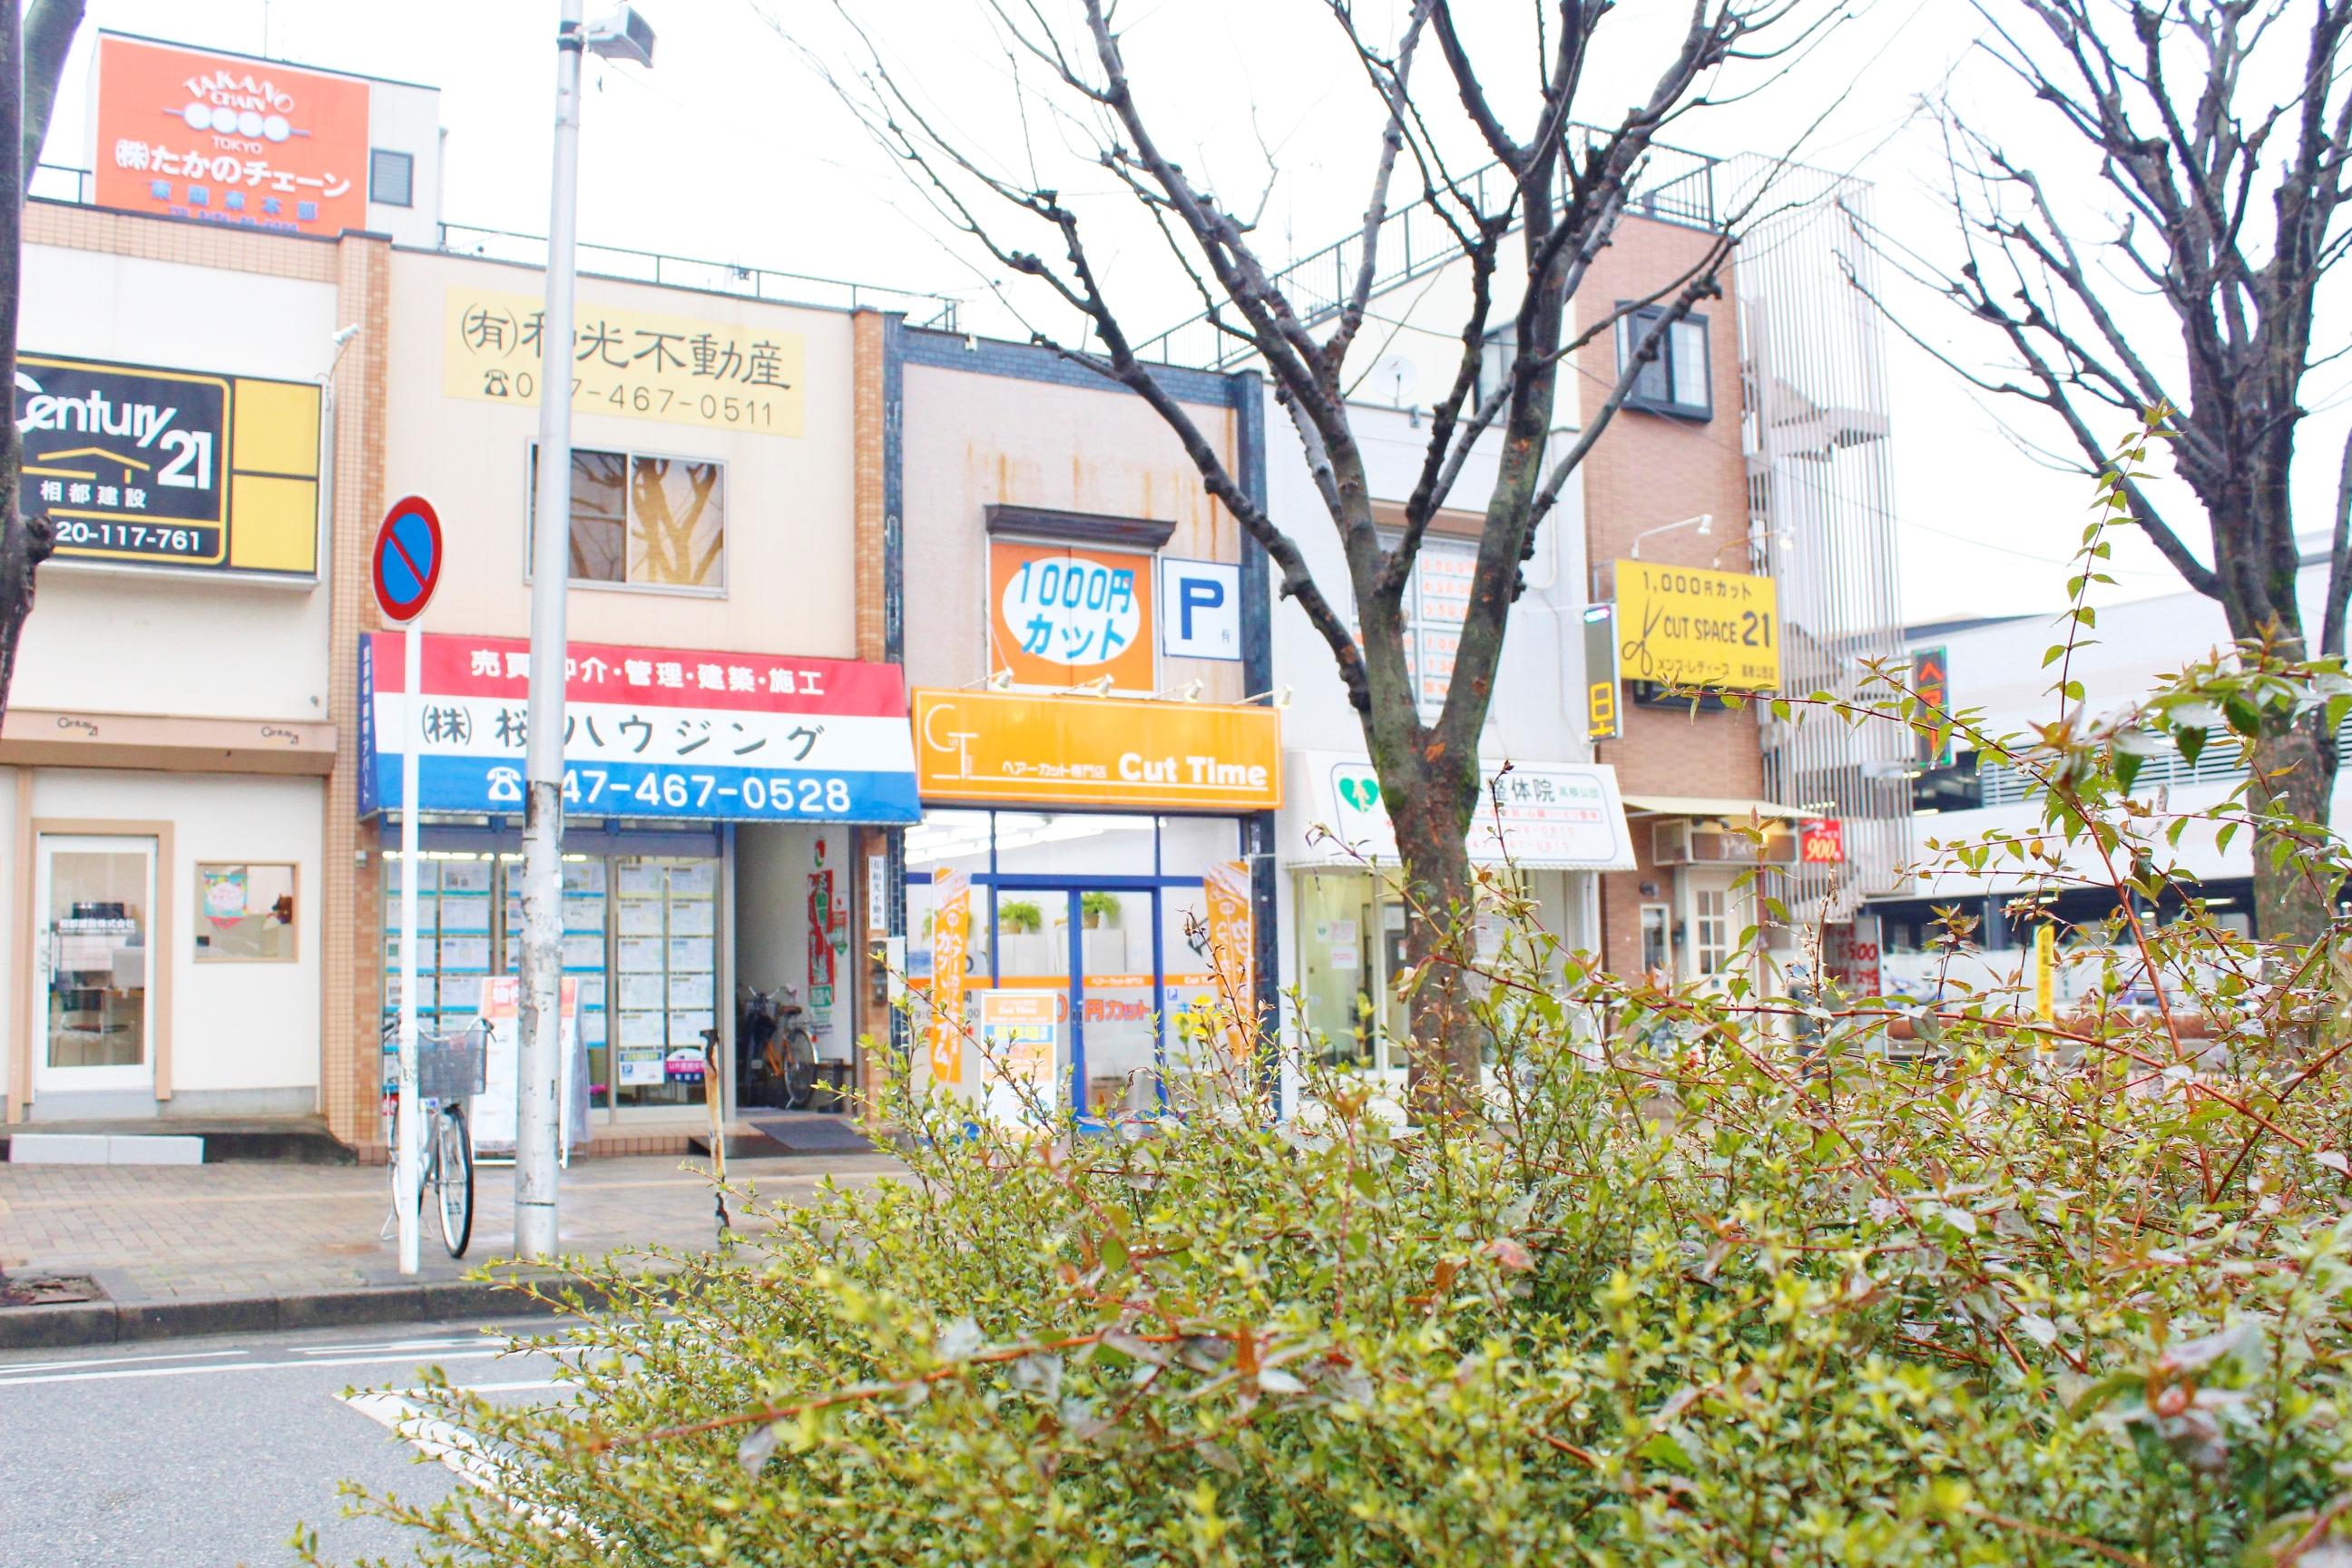 新京成線高根公団駅徒歩0分!コインパーキングは30分無料です!